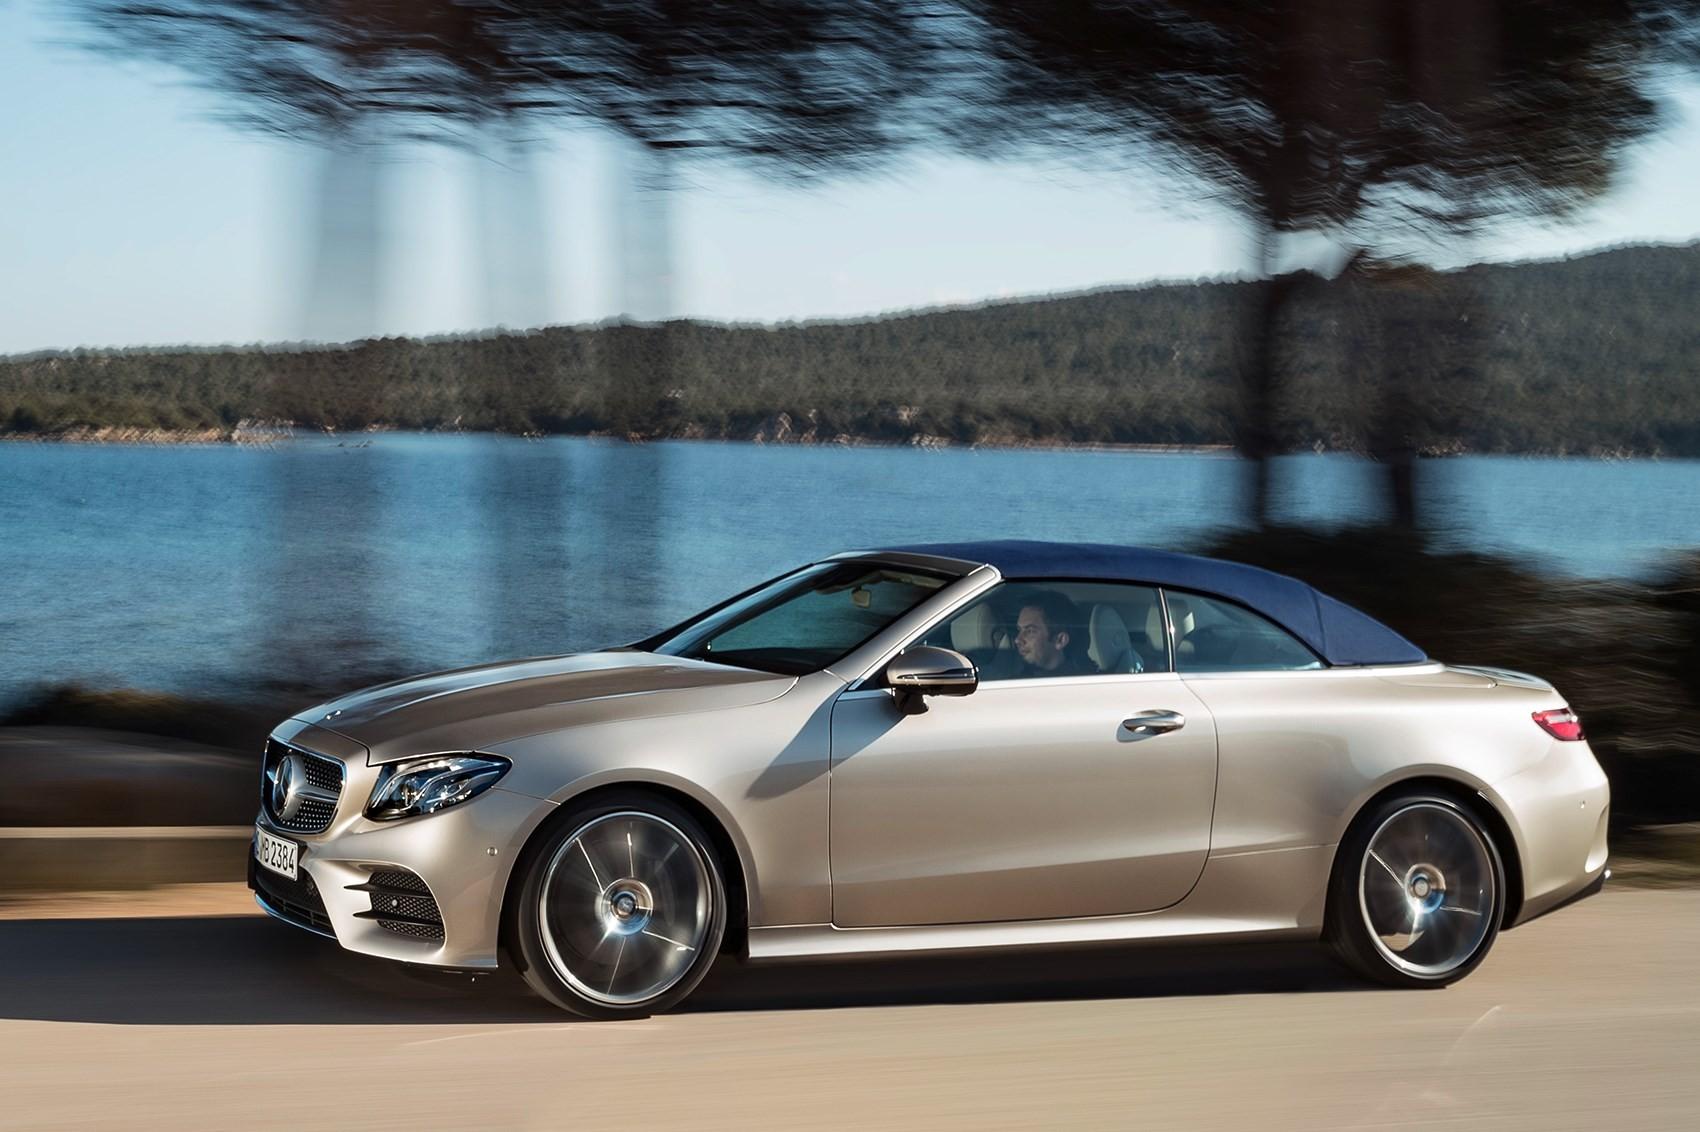 Новый кабриолет Mercedes E-класса: цены в России